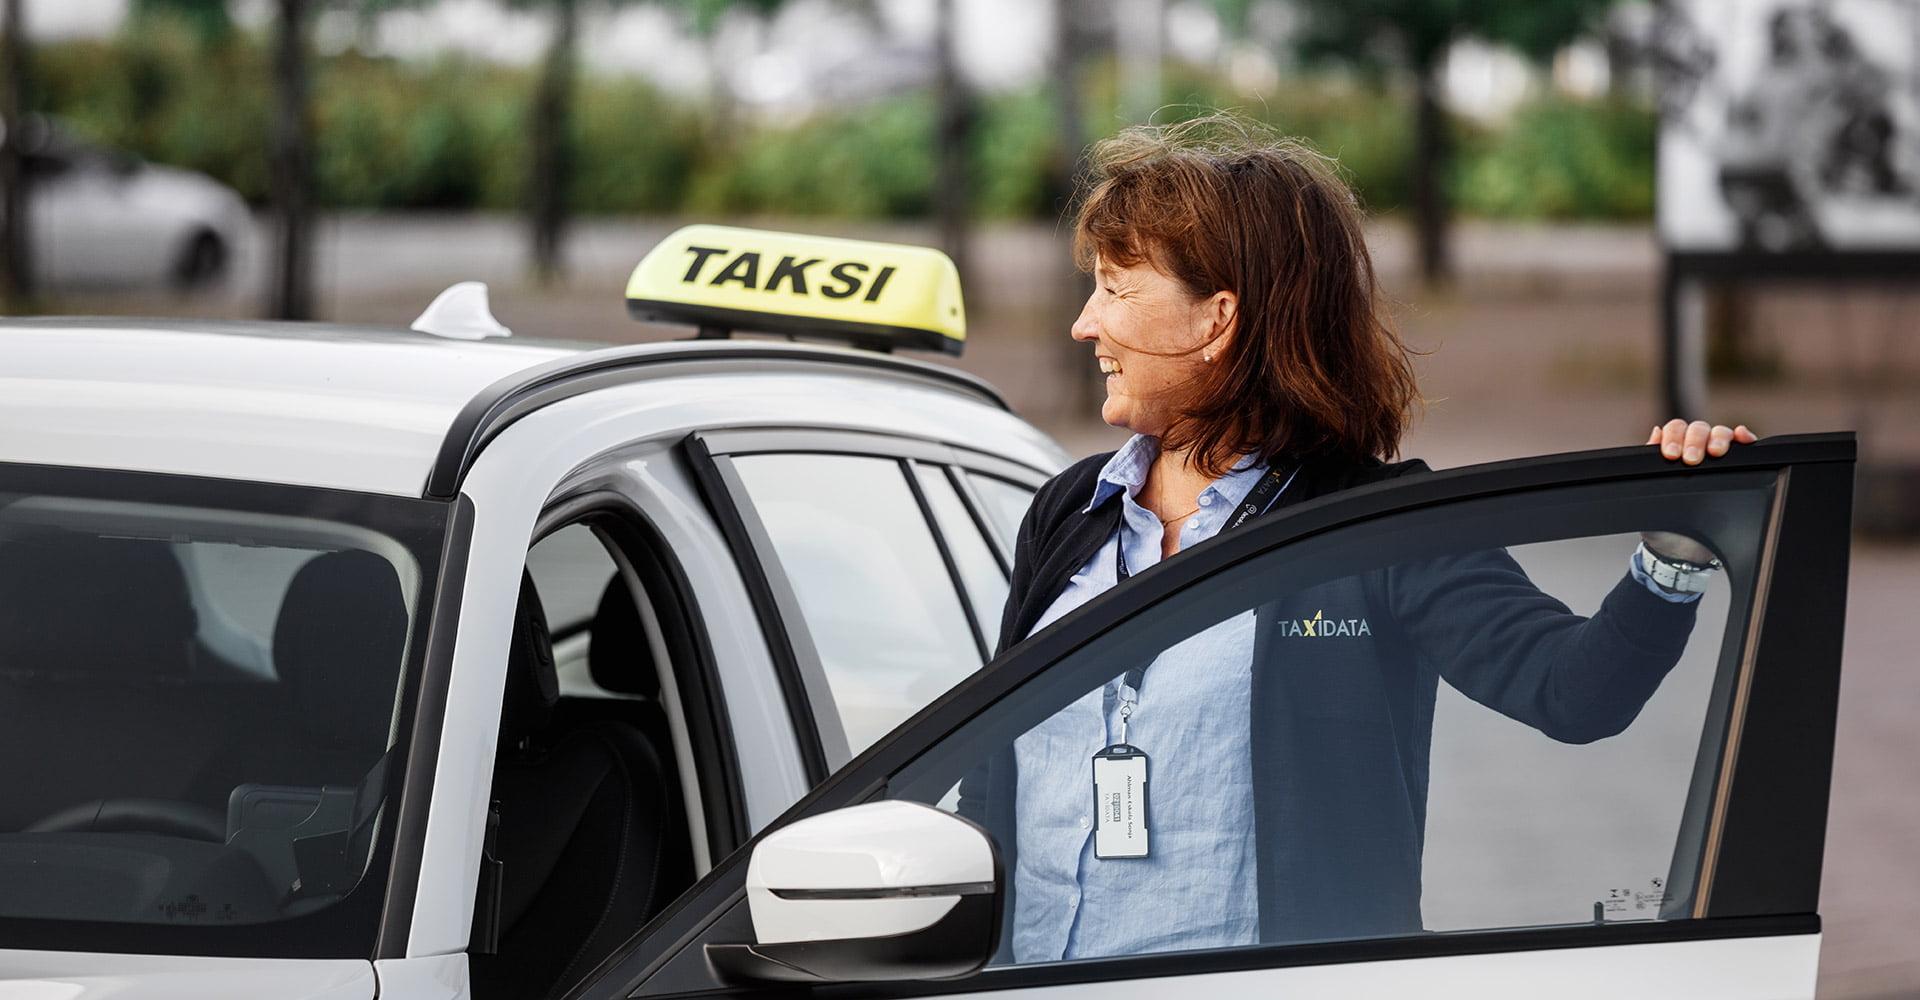 taksipalvelut-SB__0076k